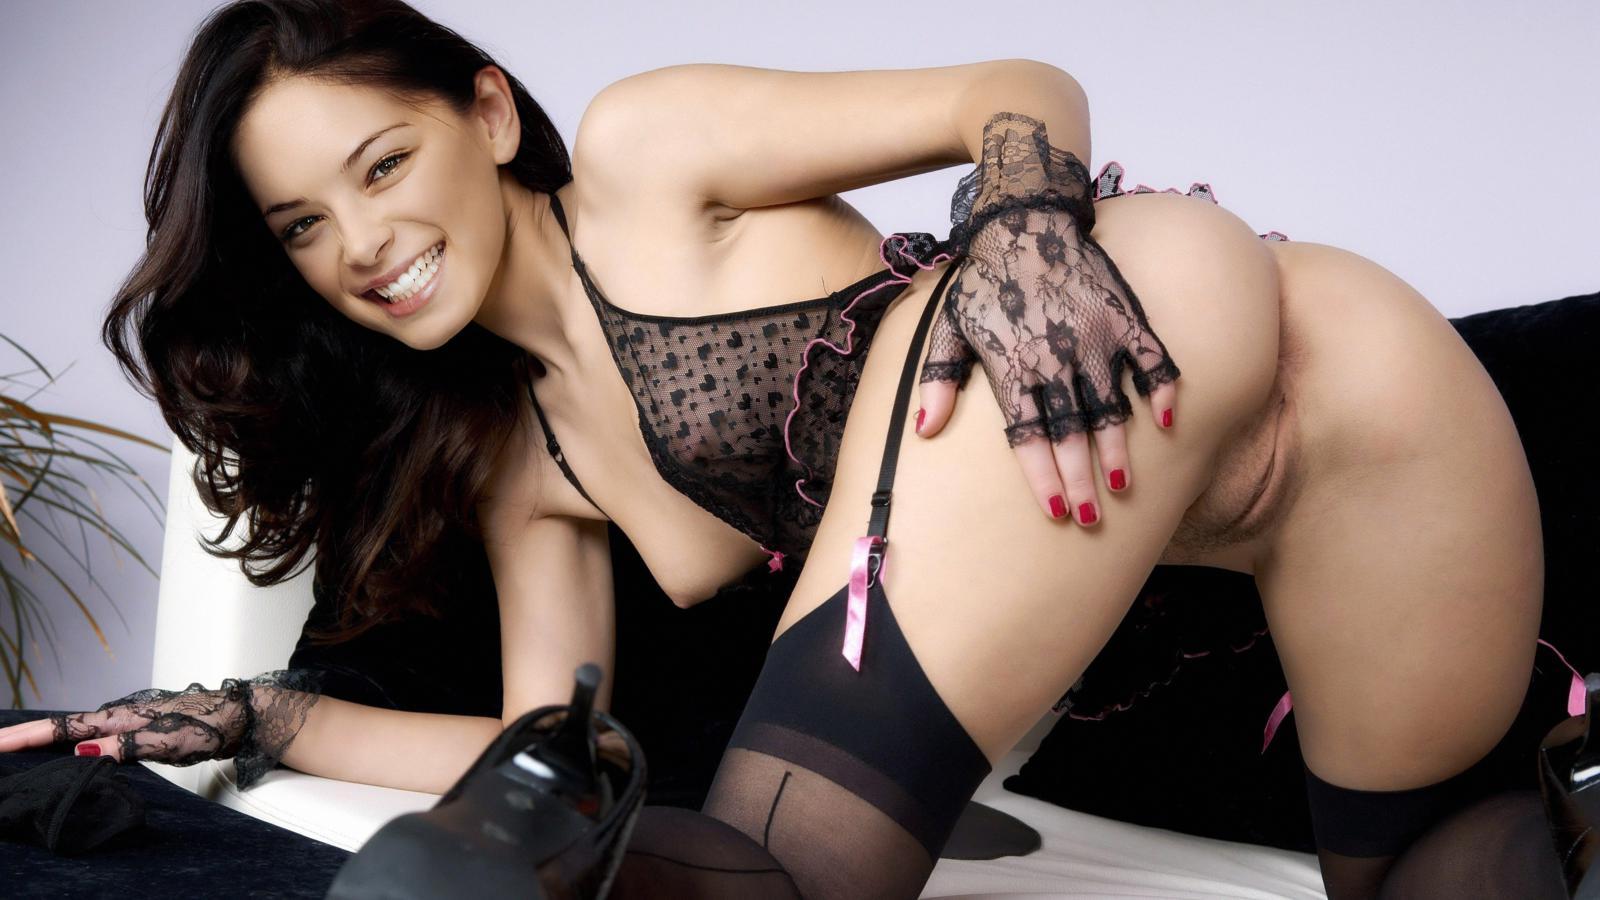 Kristin kreuk lingerie cover